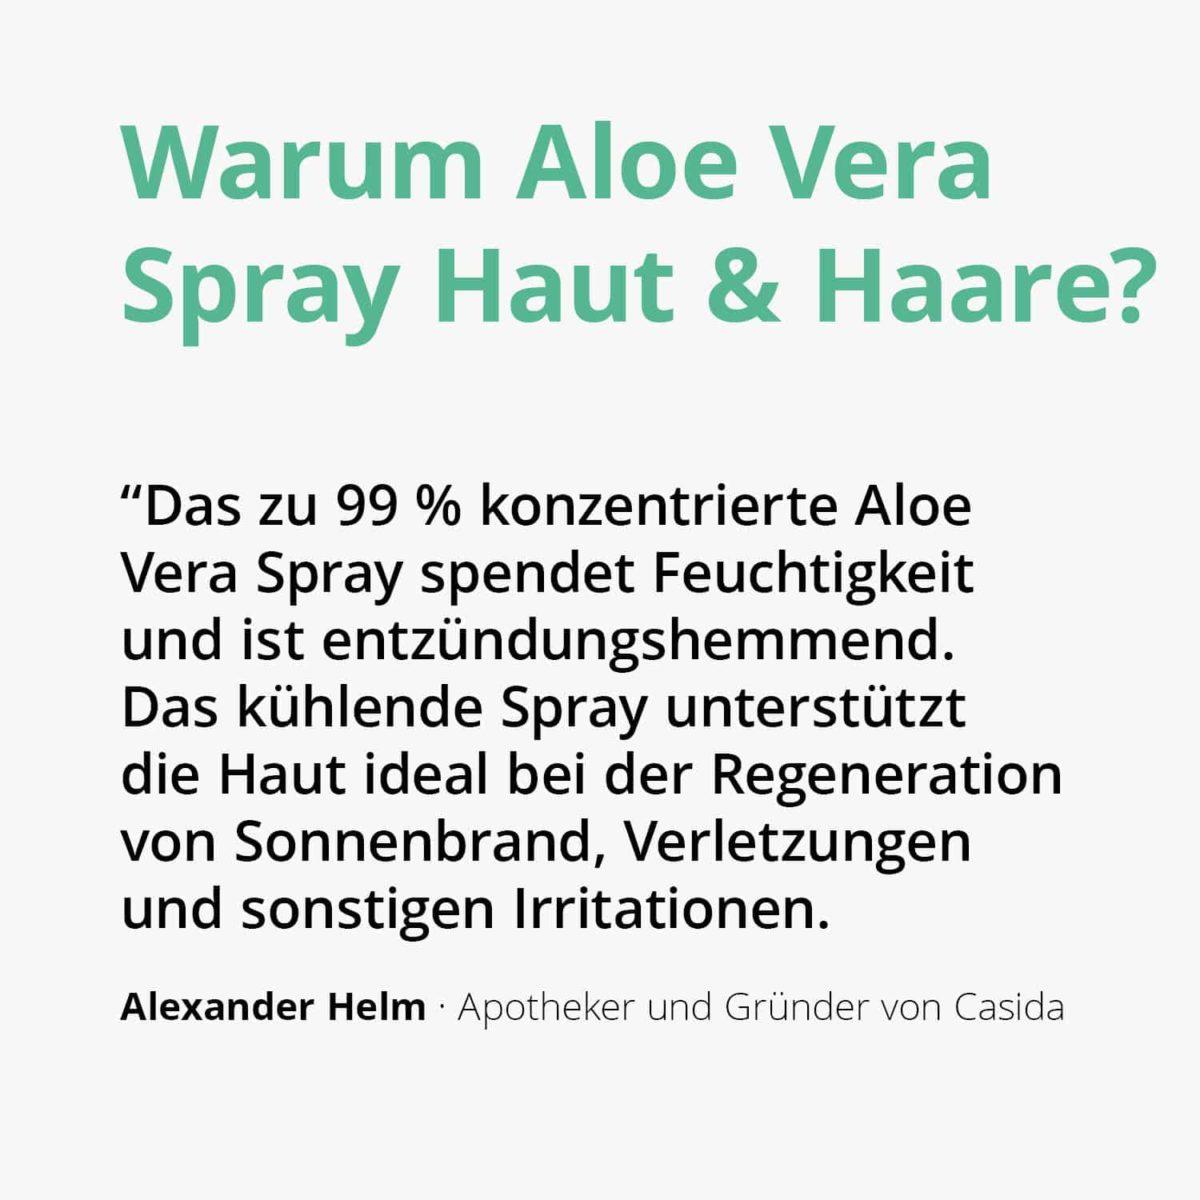 Casida Aloe Vera Spray Haut & Haare 16813047 PZN Apotheke Hautpflege Feuchtigkeitsspendend Sonnenbrand Rasur Hautreizungen2